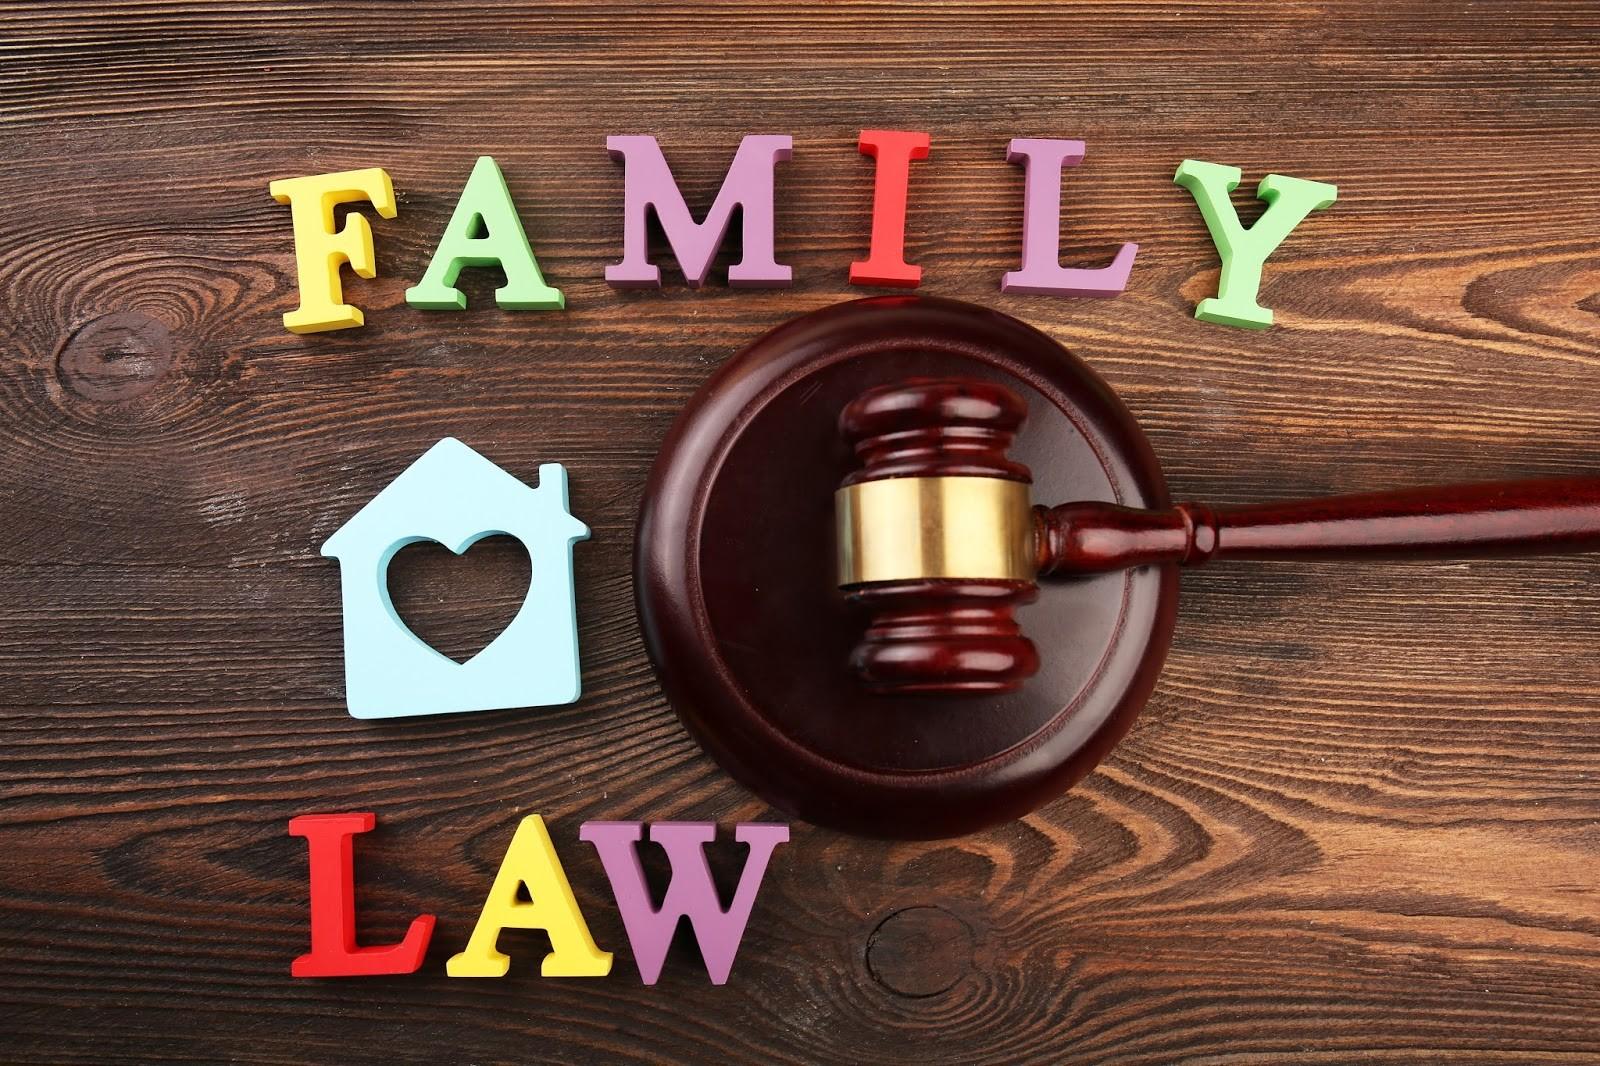 حضانت و ملاقات فرزندان مشترک زیر نظر وکیل خانواده